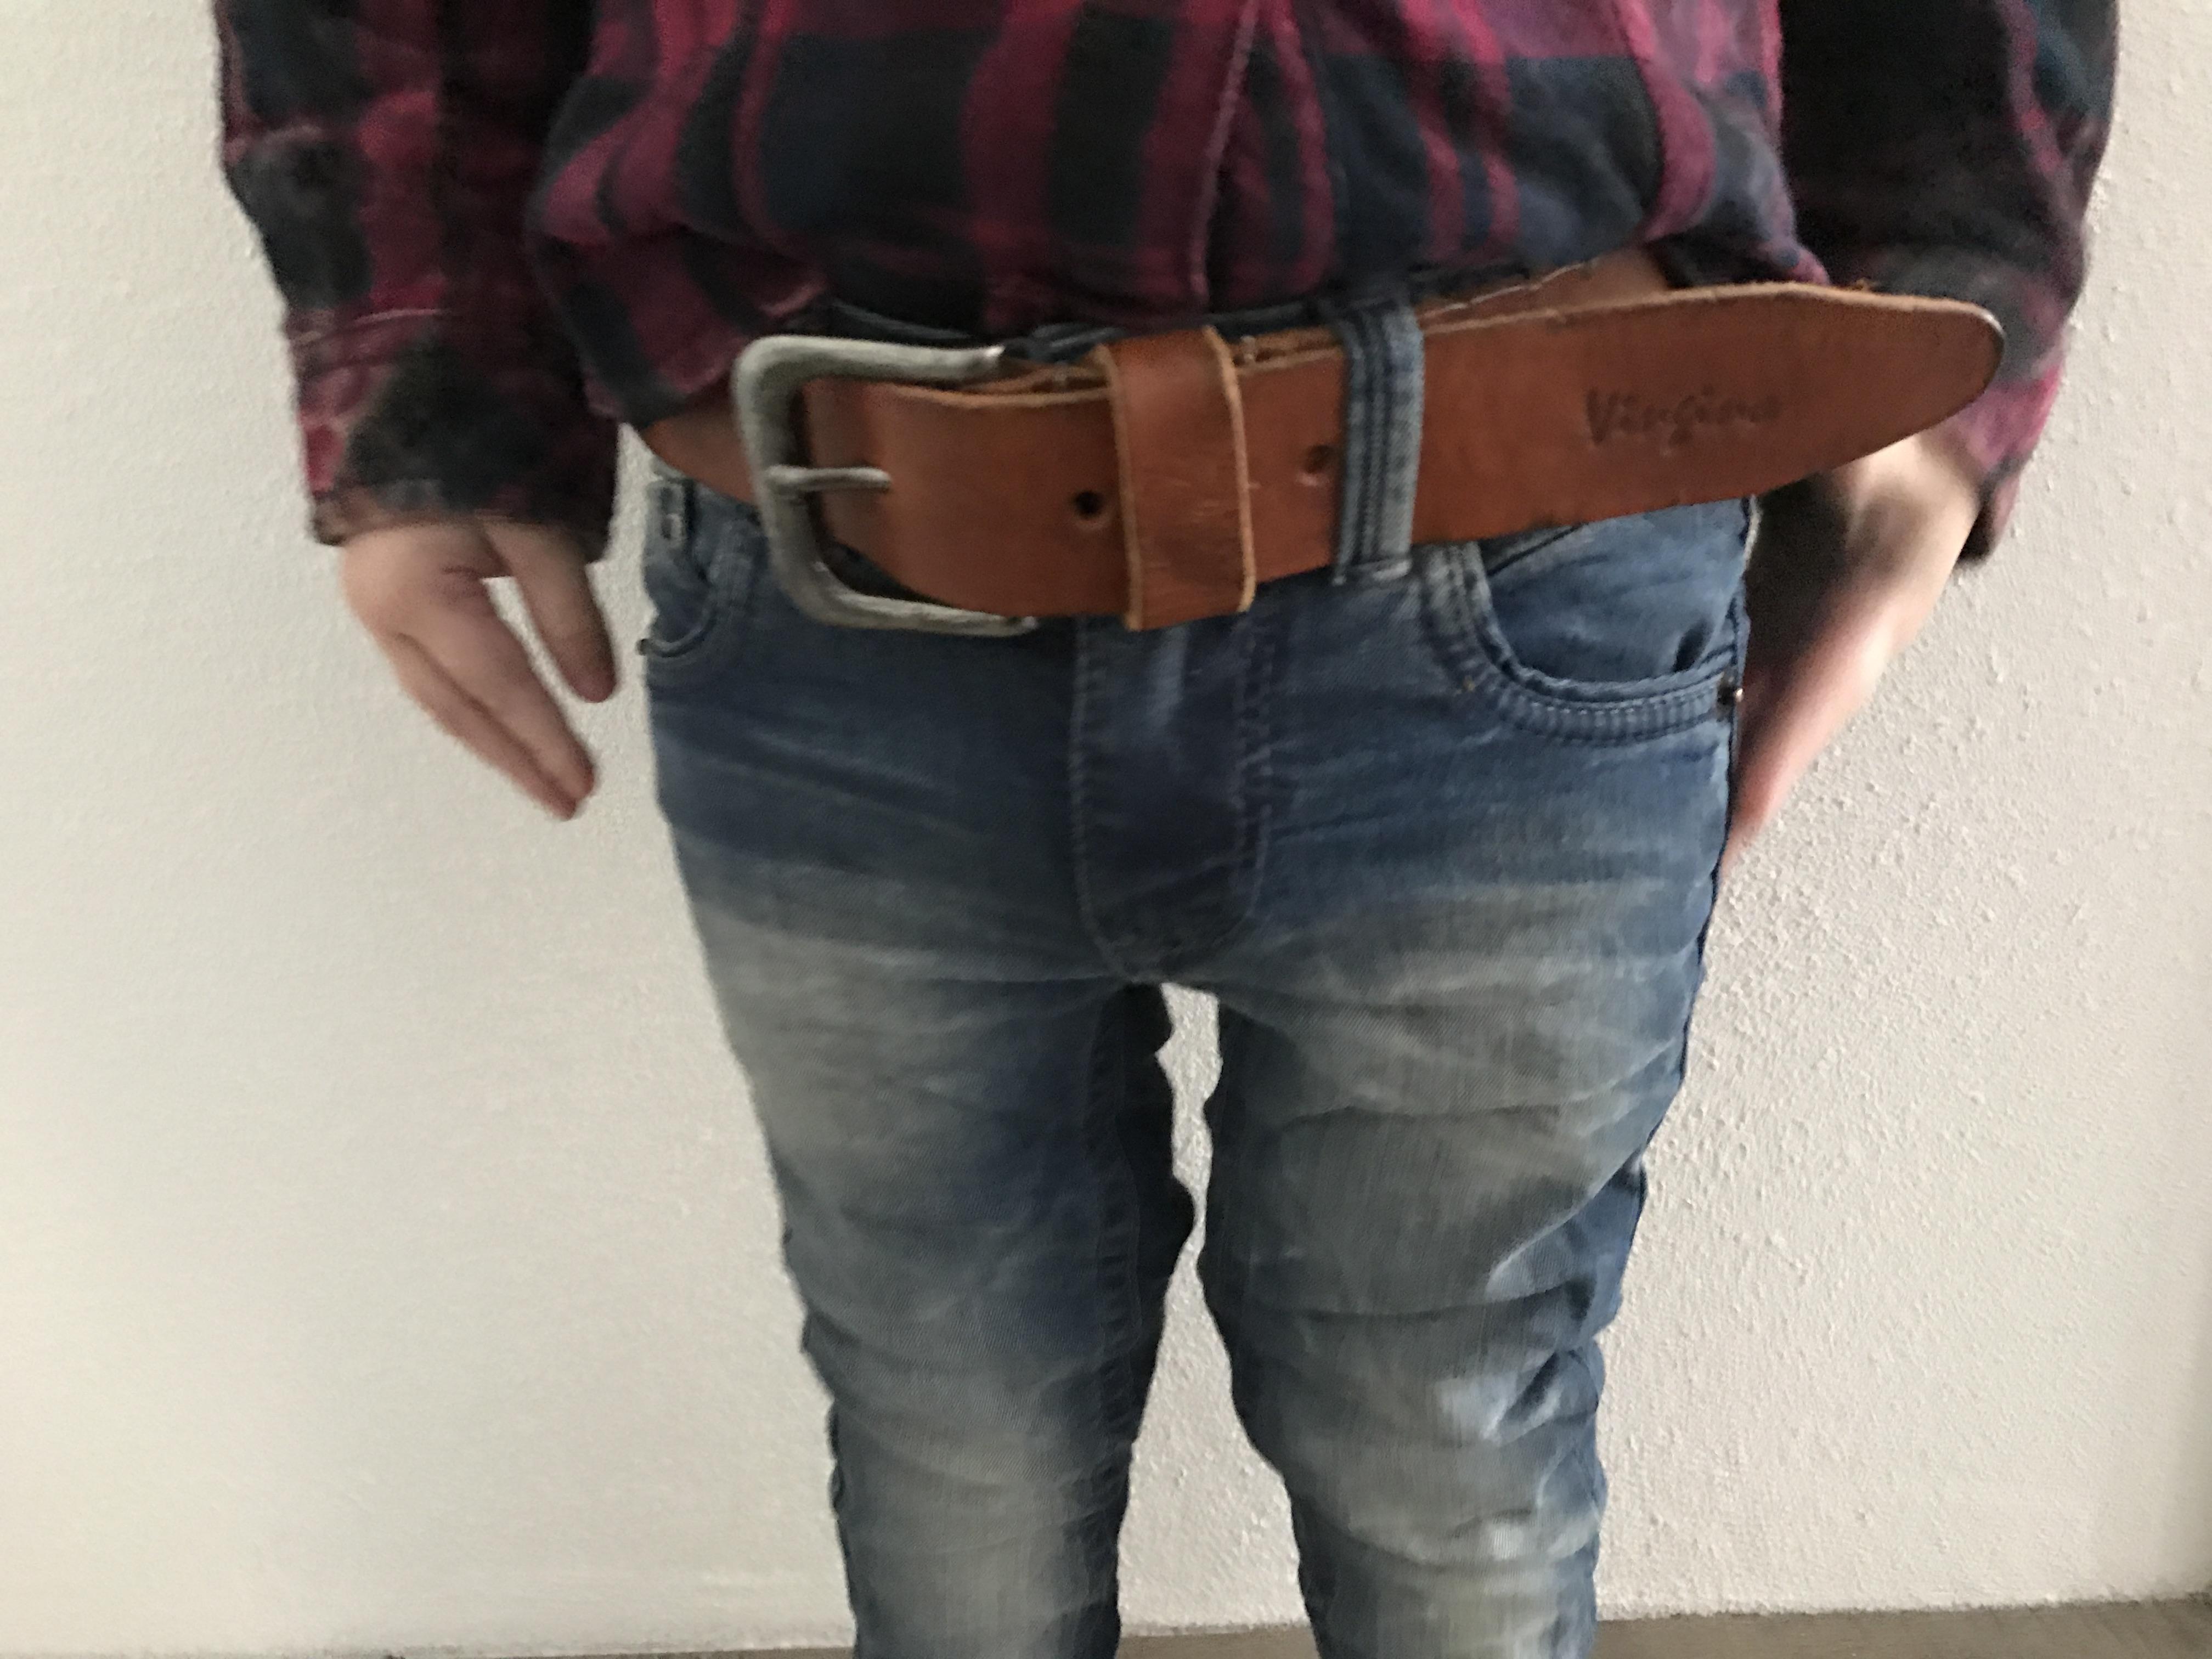 edf39c48823f00 Vingino staat bekend om zijn jeans. Ze zijn goed van kwaliteit en gewoon  heel mooi. De jeans rollen zij altijd op zodat je een mooi effect hebt  zodra je hem ...